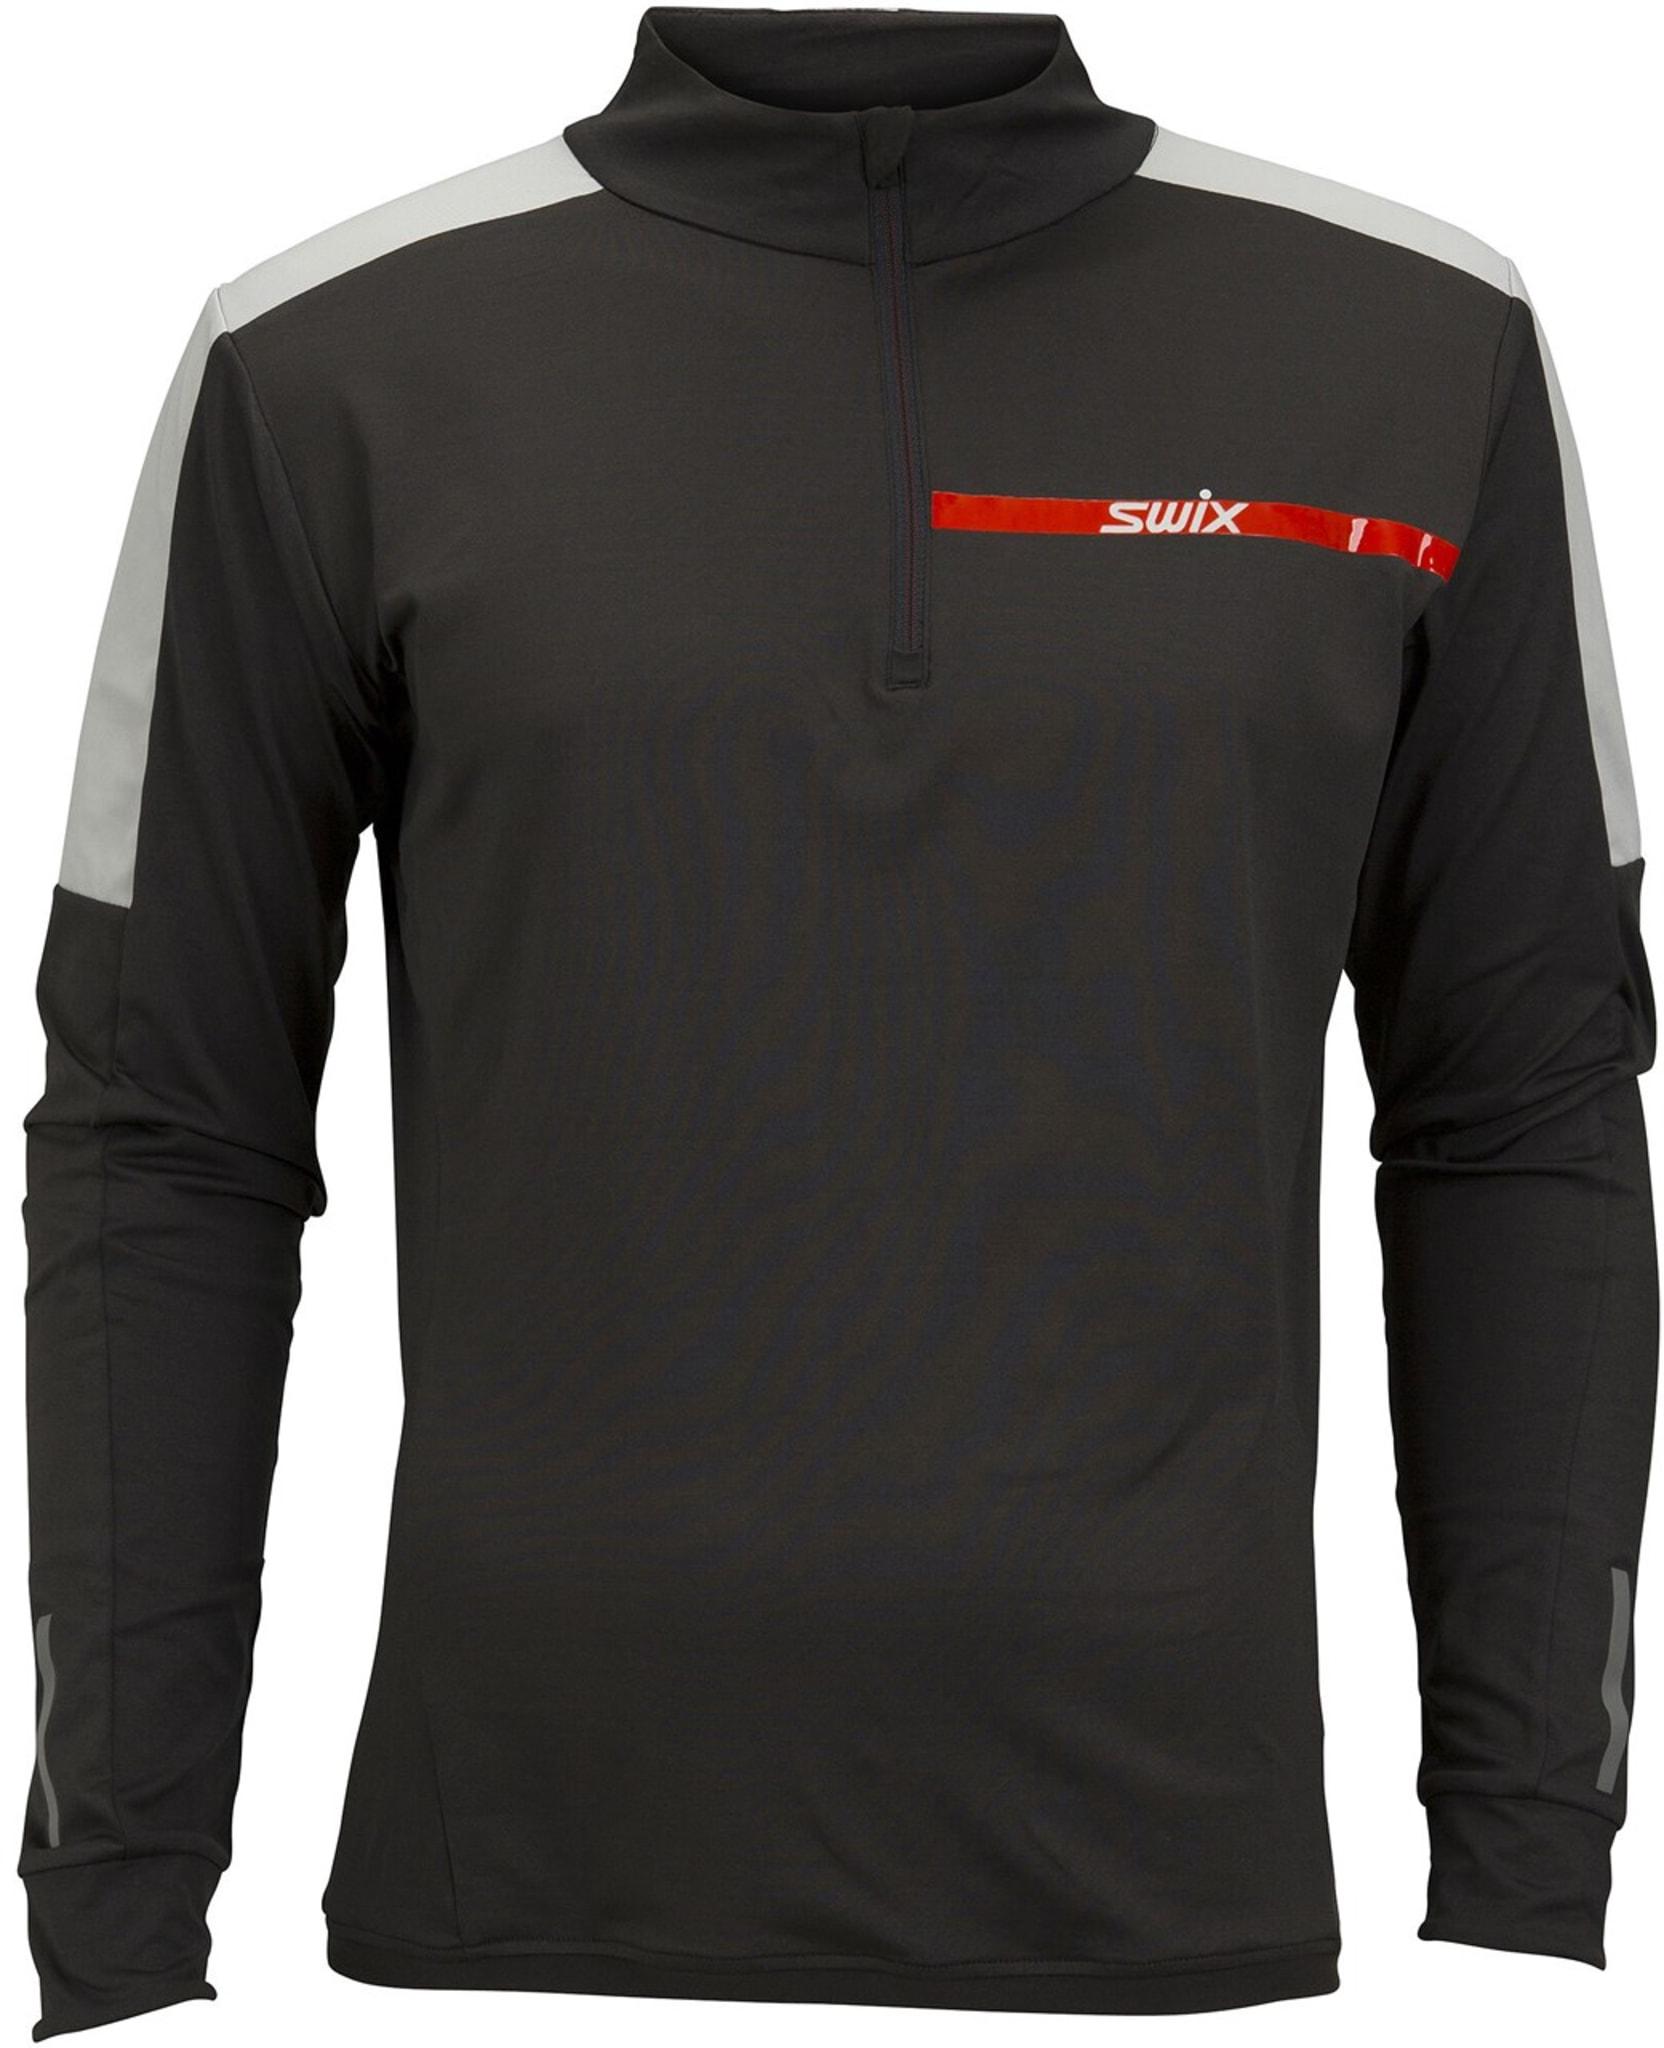 Veldig fukttransporterende undertøy/treningsplagg for høy intensitet og svettetrening